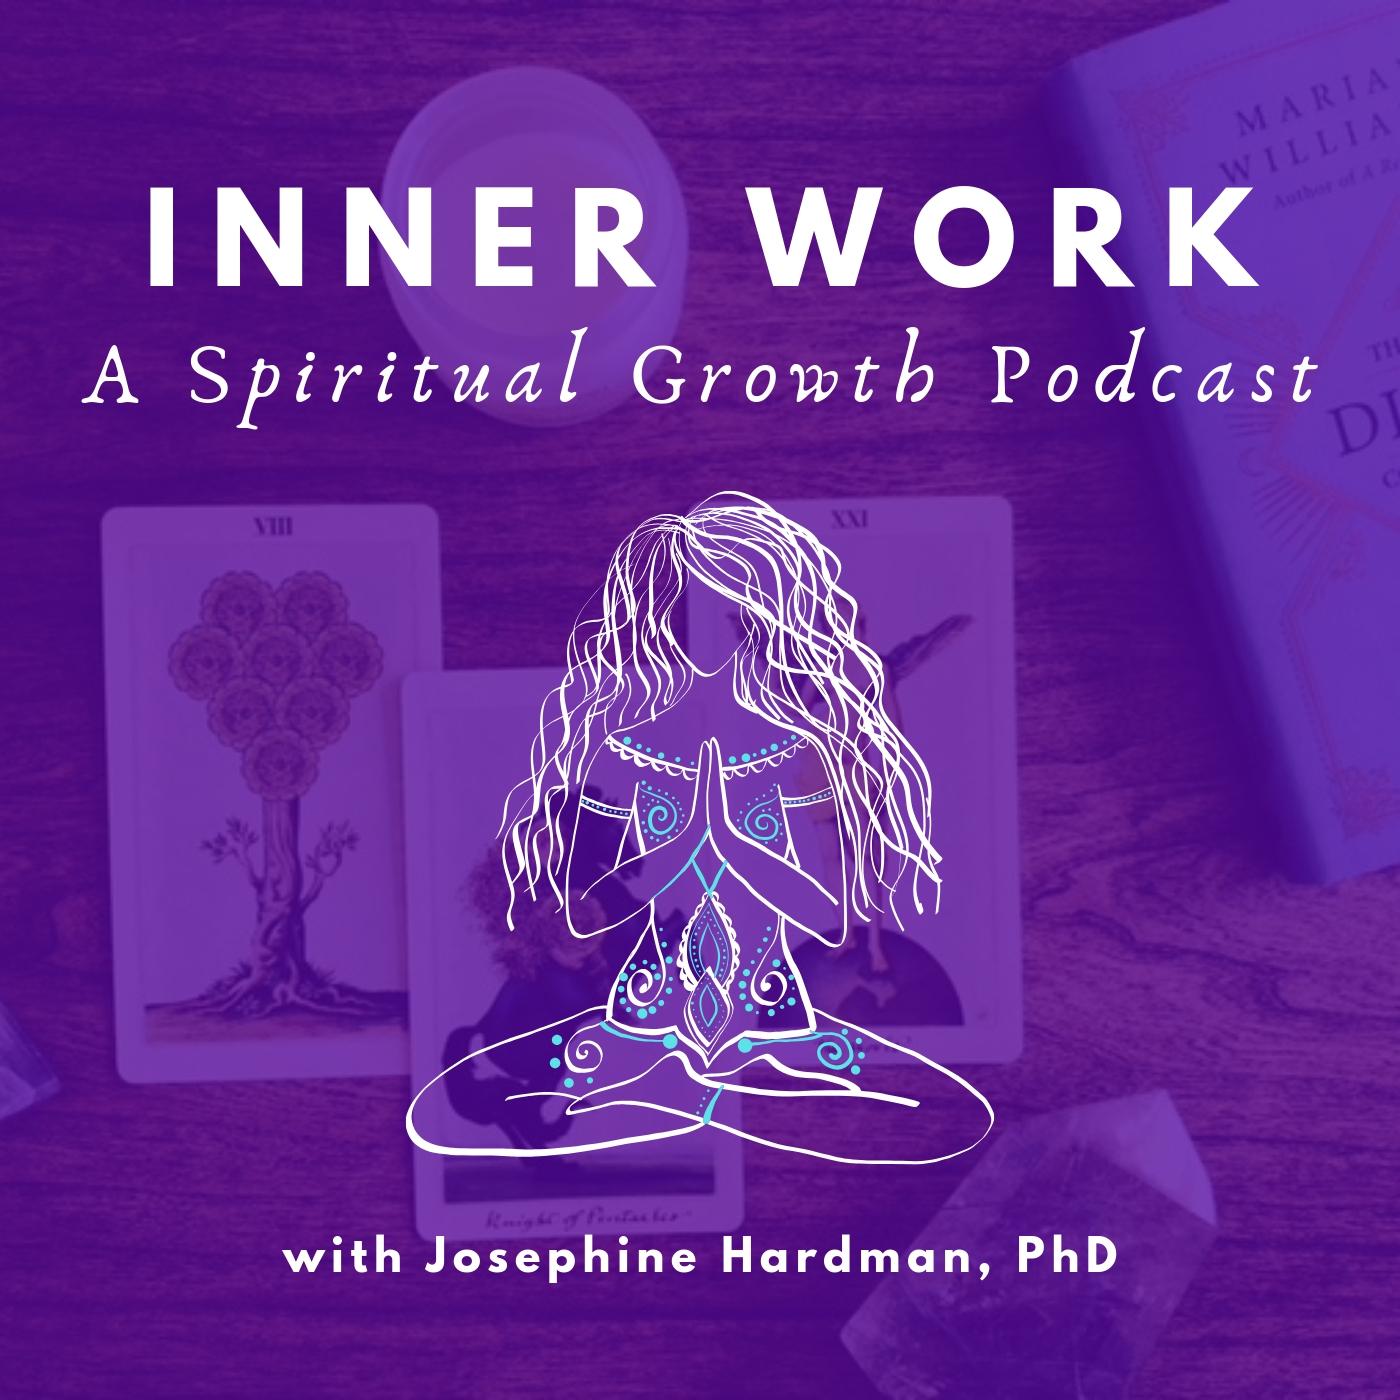 Inner Work: A Spiritual Growth Podcast show art